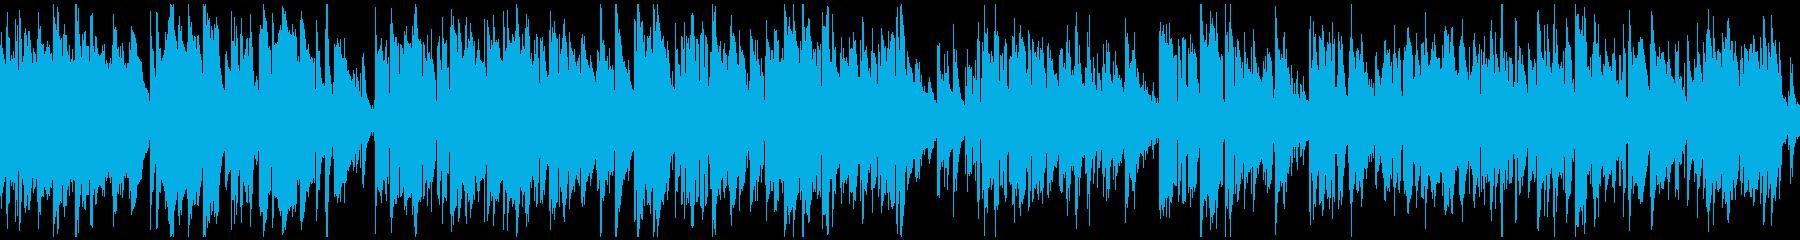 シリアスなジャズ、サックス ※ループ版の再生済みの波形